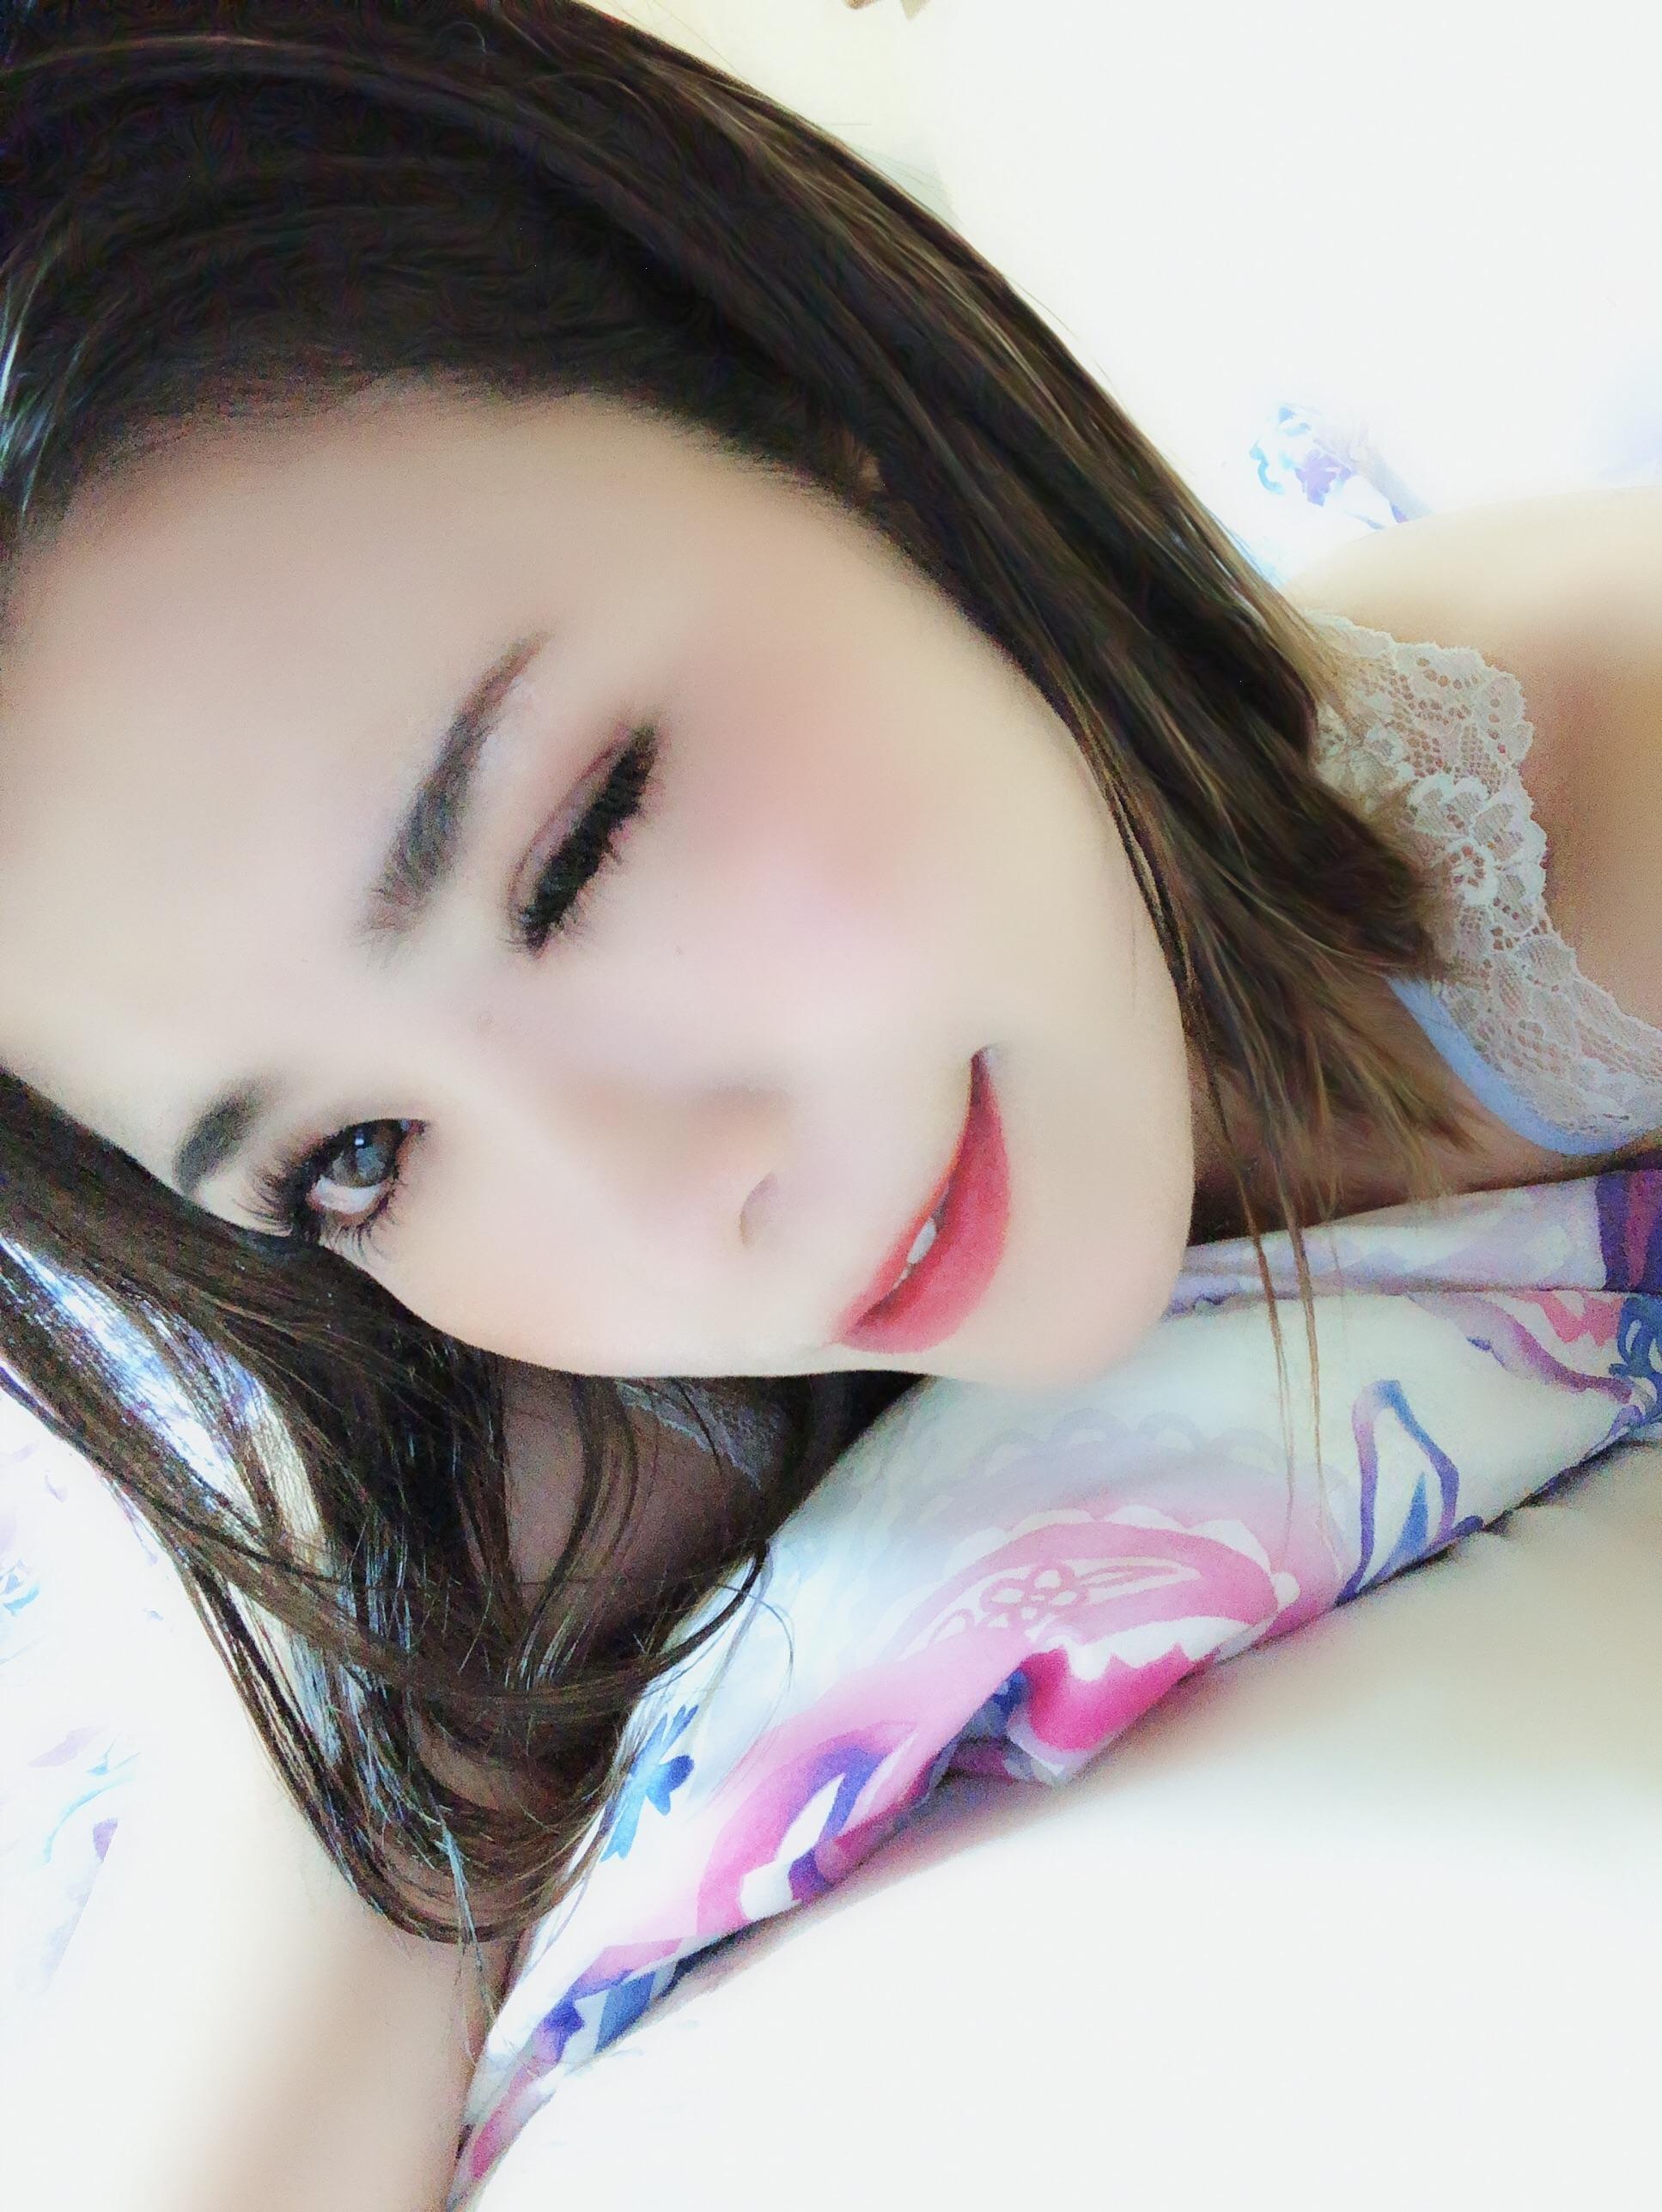 「ヒカキンのっ!」12/19(12/19) 03:21   リリの写メ・風俗動画